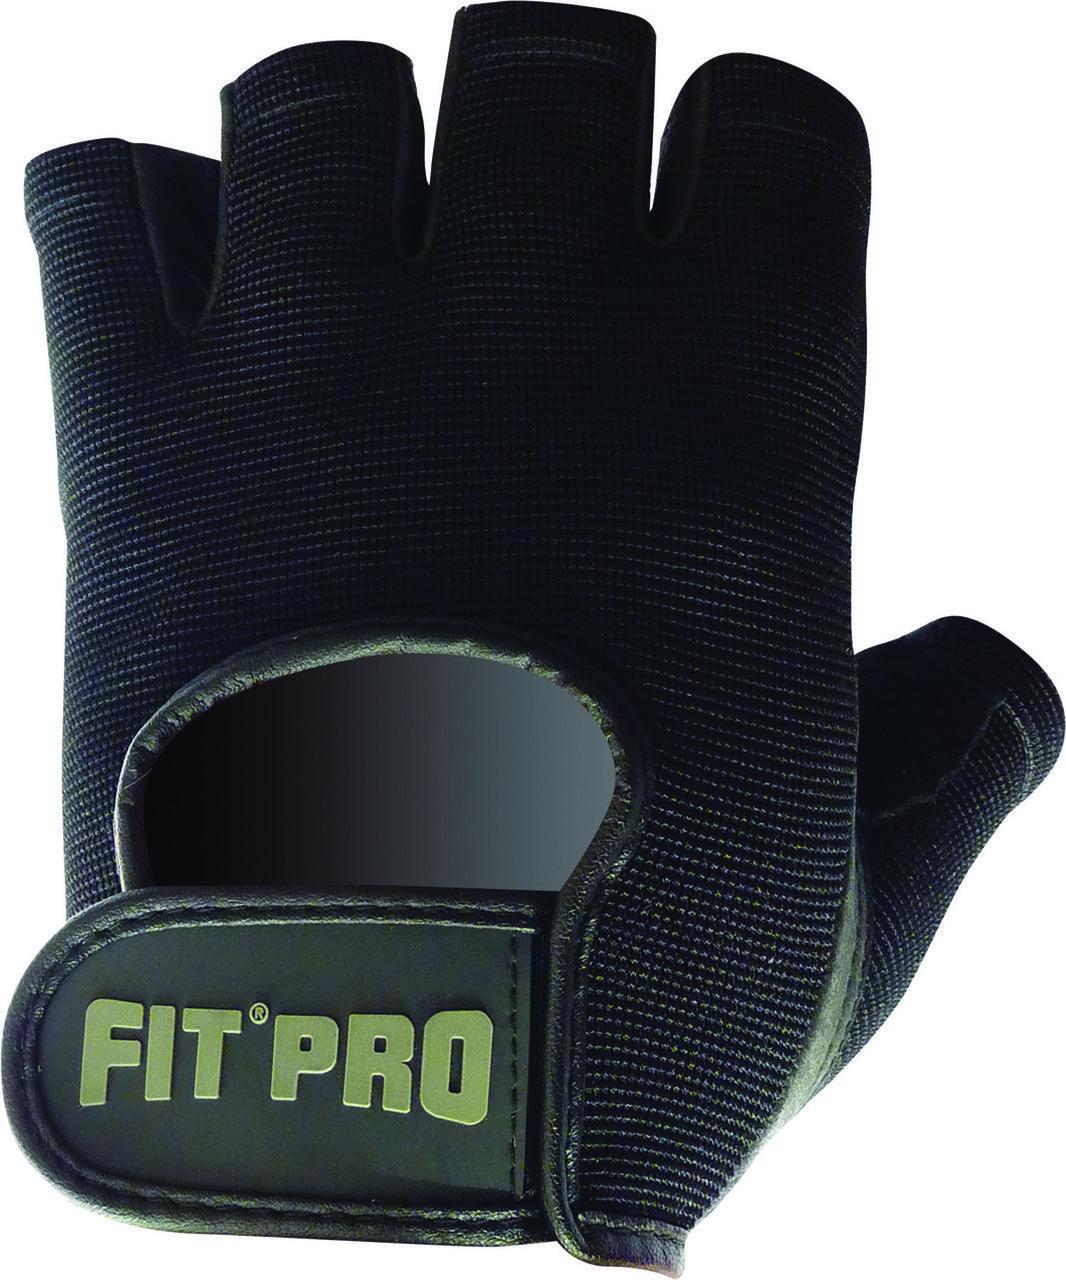 Перчатки для кроссфита Power System FP-07 B1 Pro S фото видео изображение